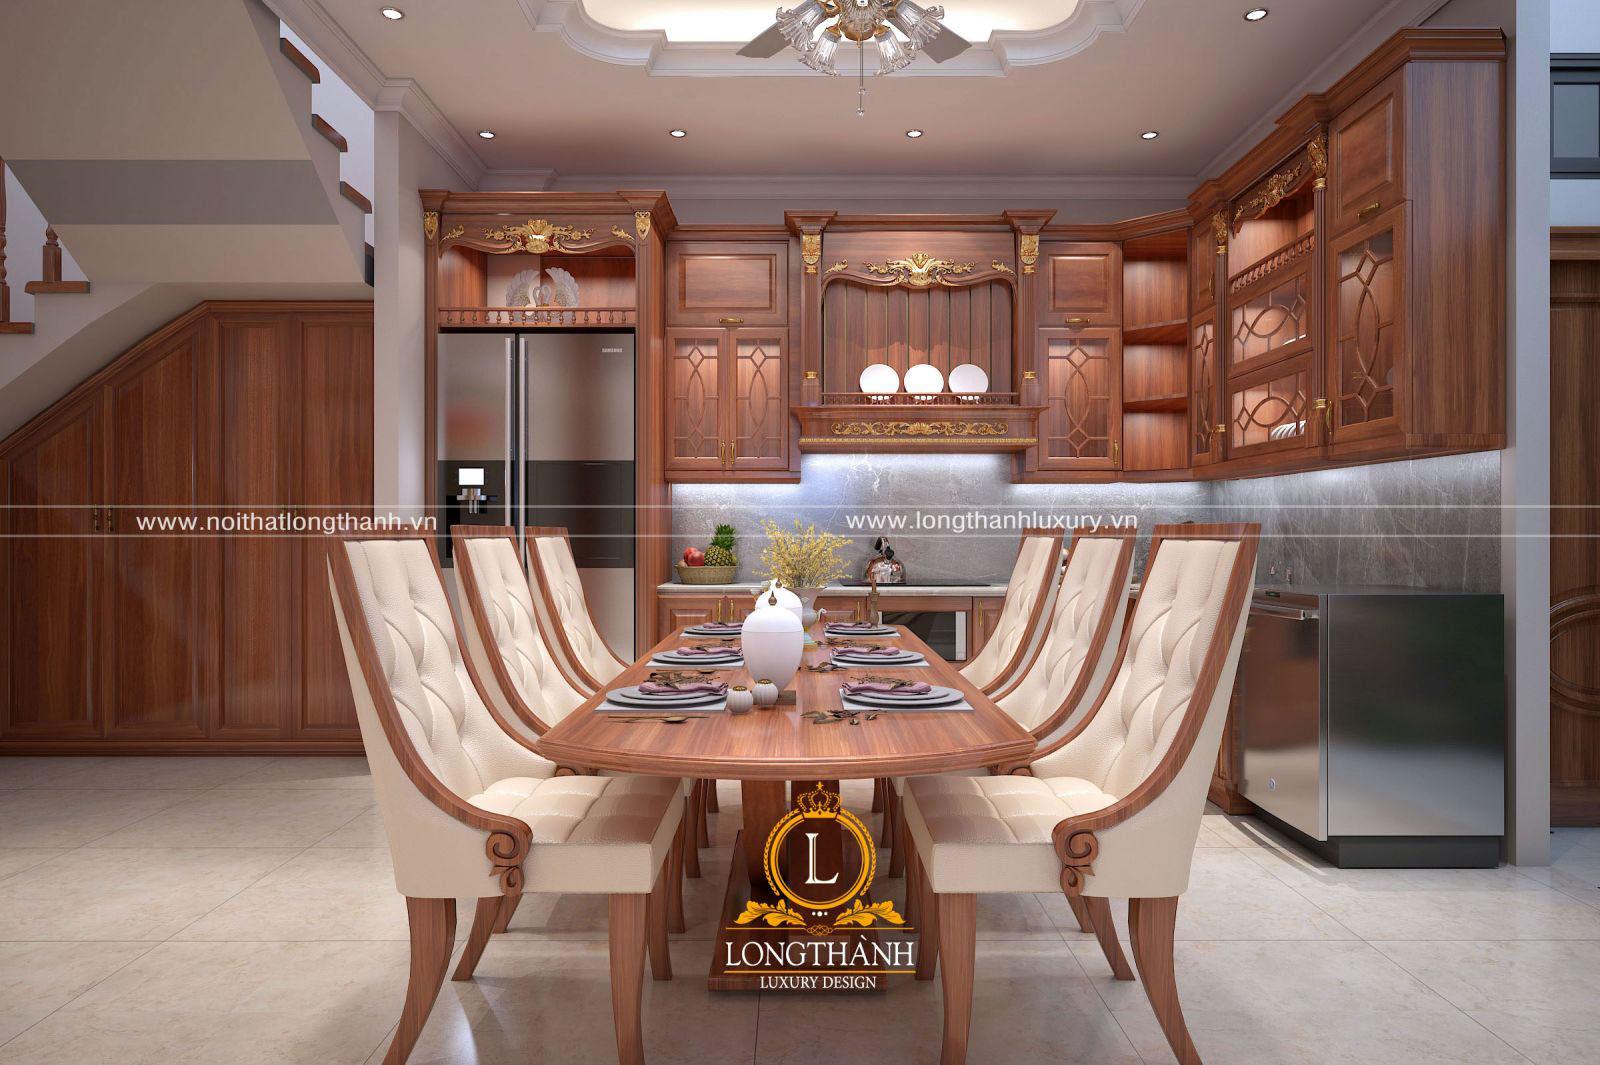 Thiết kế tủ bếp cho phòng bếp nhà rộng